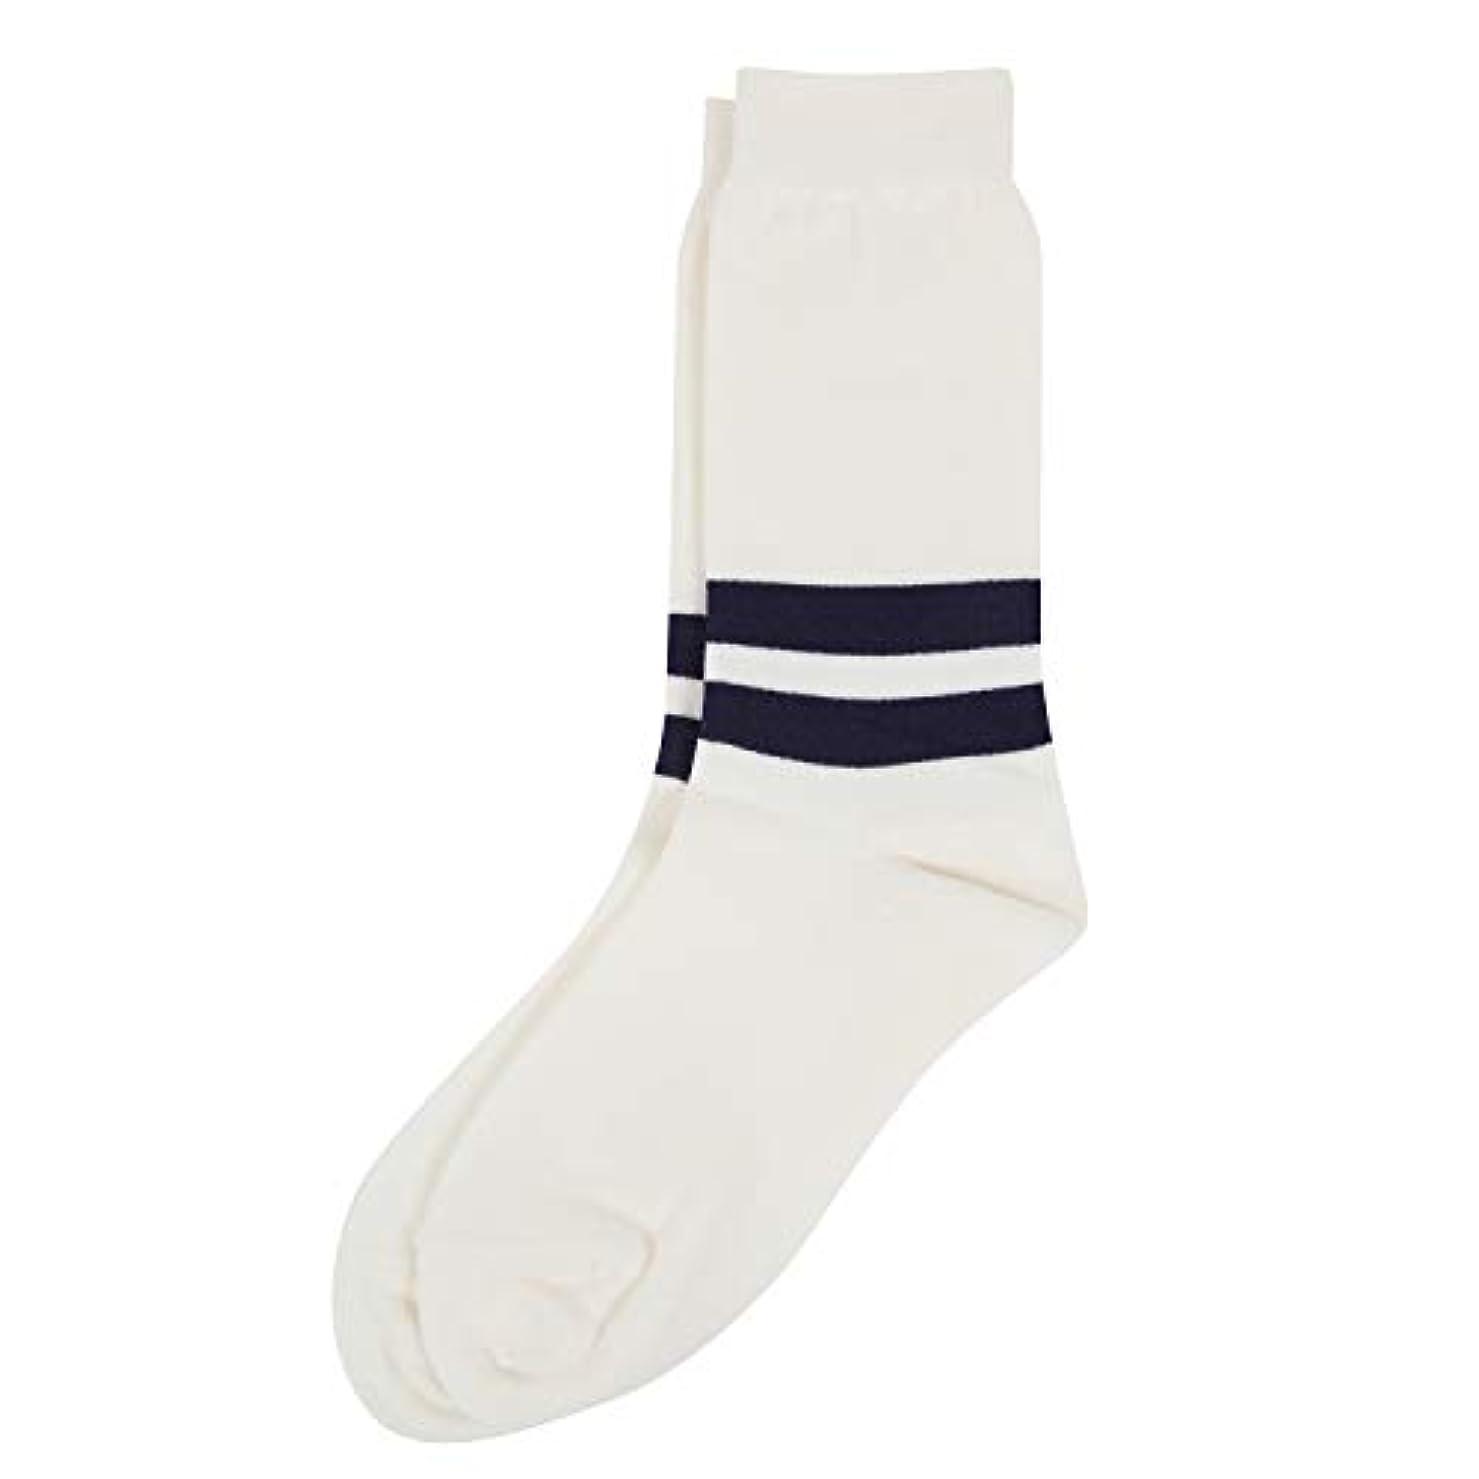 わざわざ包囲マチュピチュDeol(デオル) ラインソックス 男性用 メンズ [足のニオイ対策] 長期間持続 日本製 無地 靴下 白 25cm-27cm